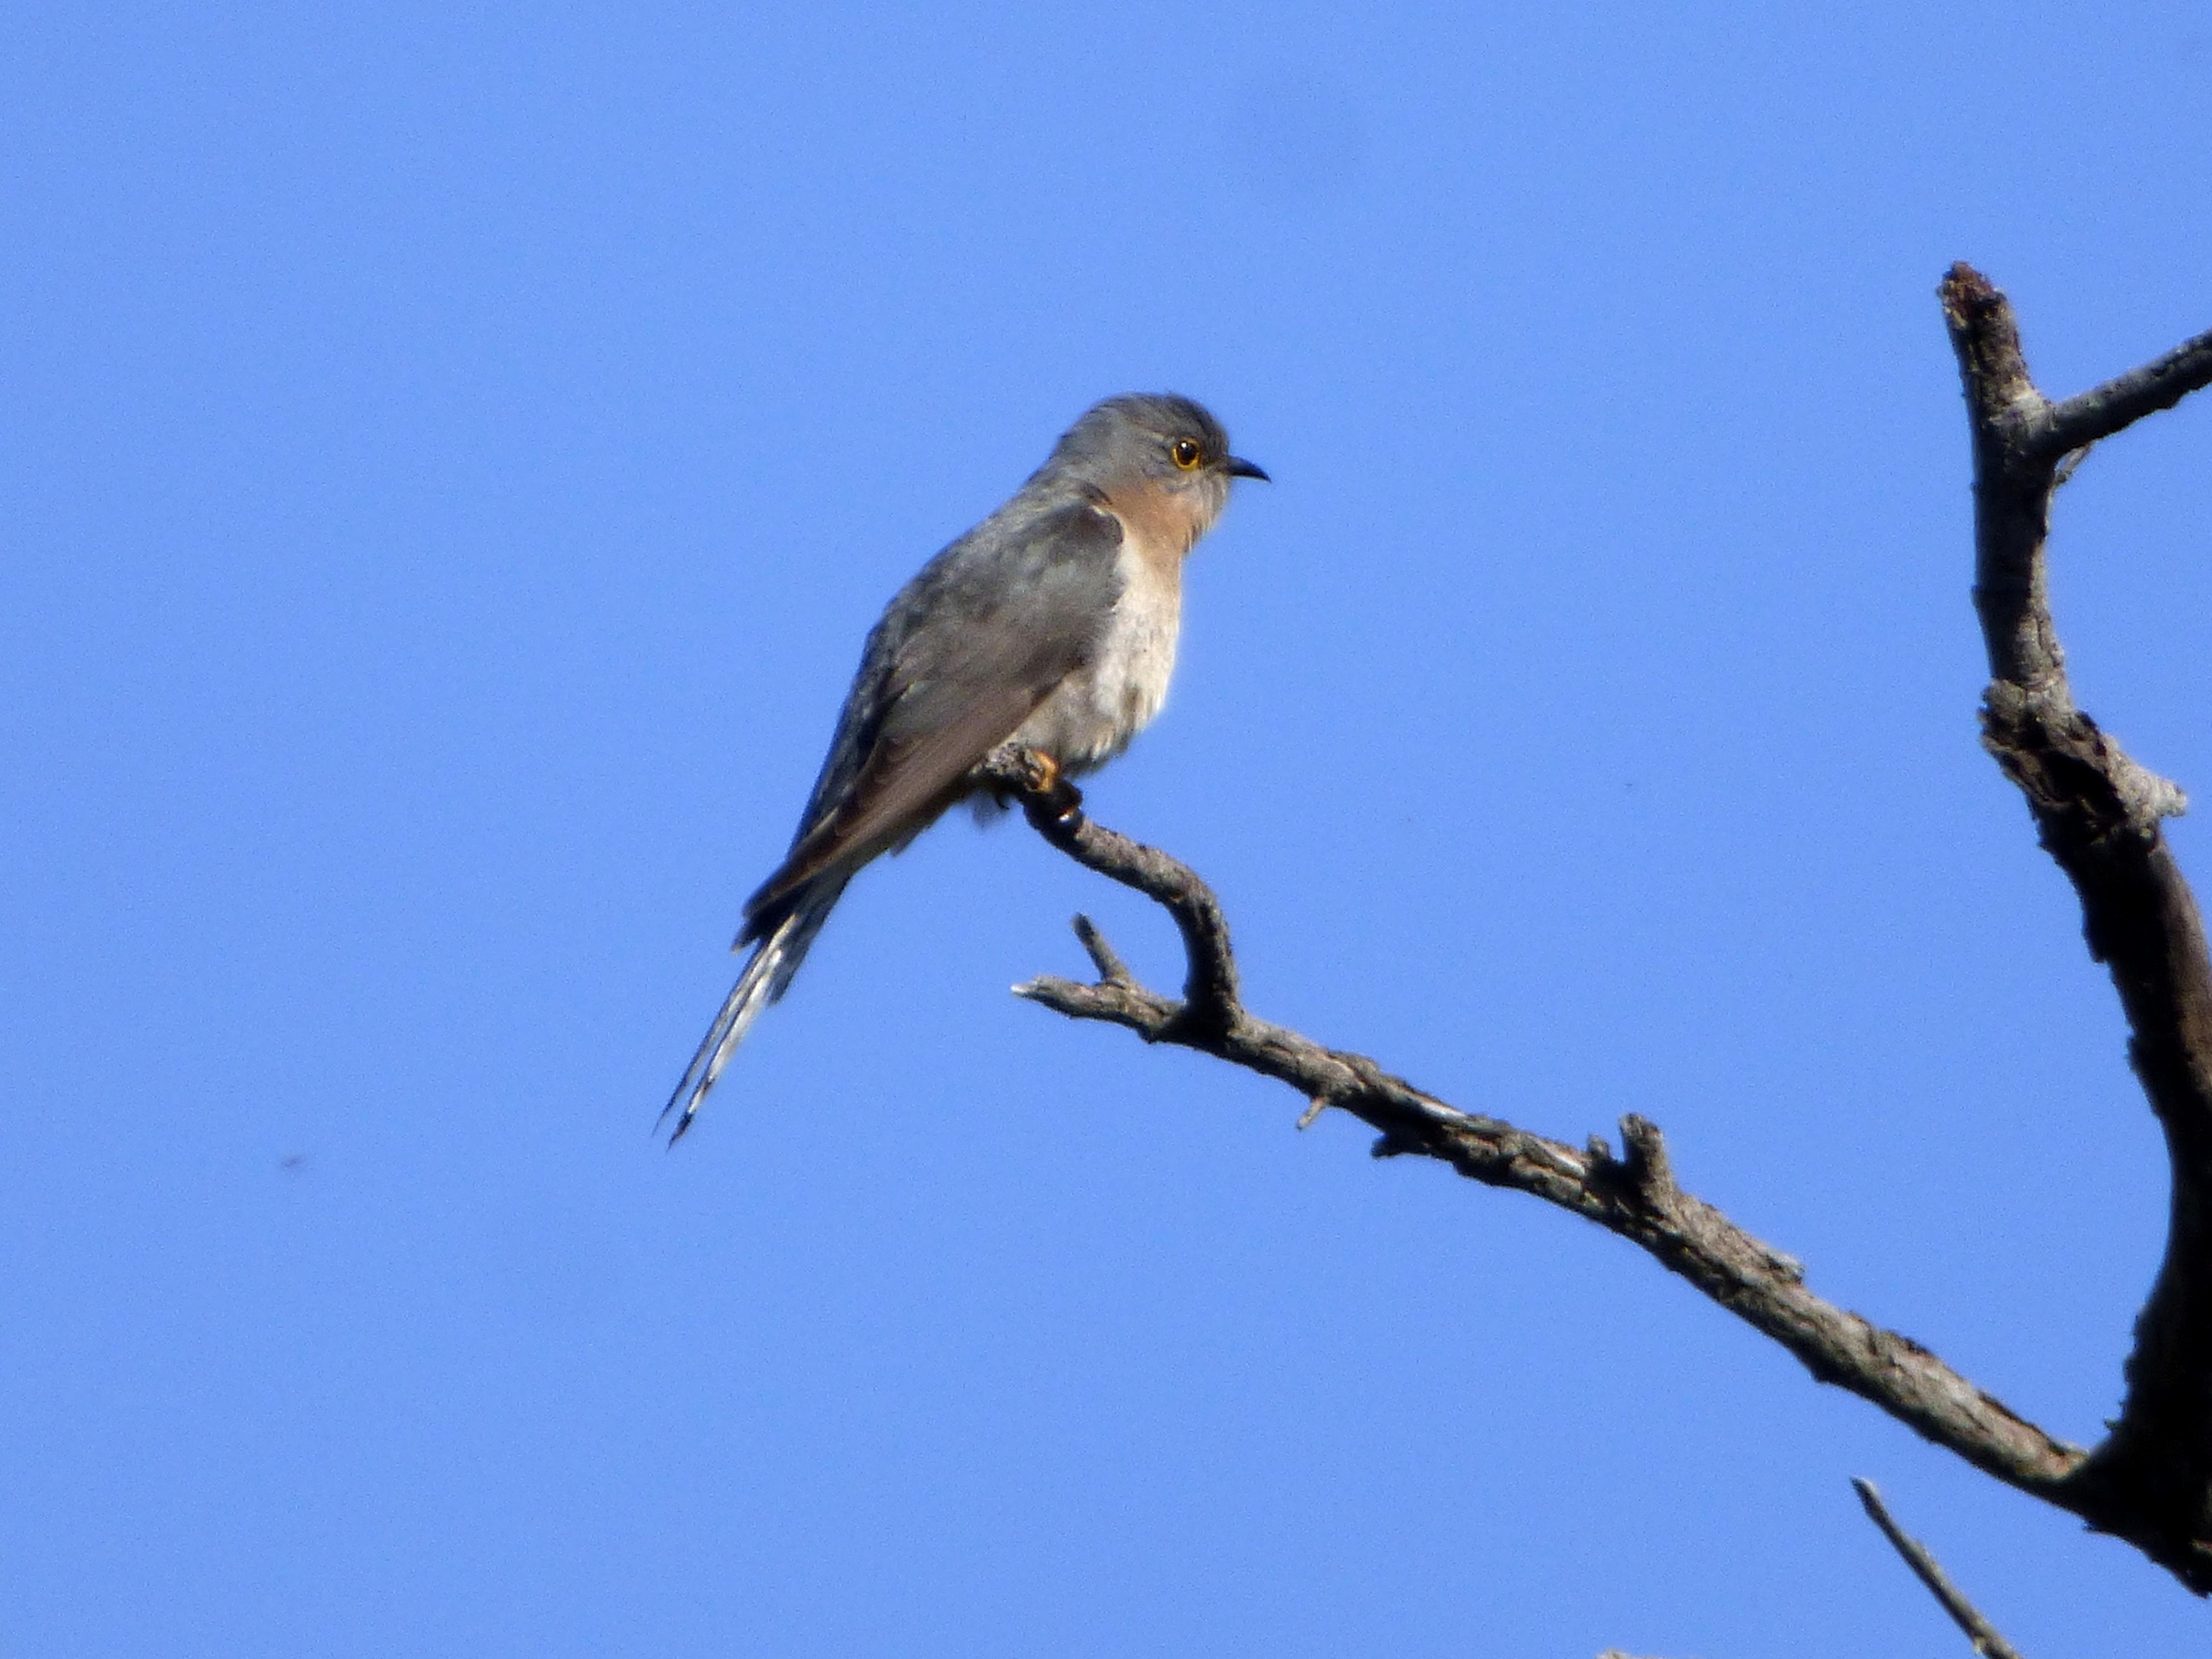 Fan-tailed Cuckoo 2 - Katmun Loh